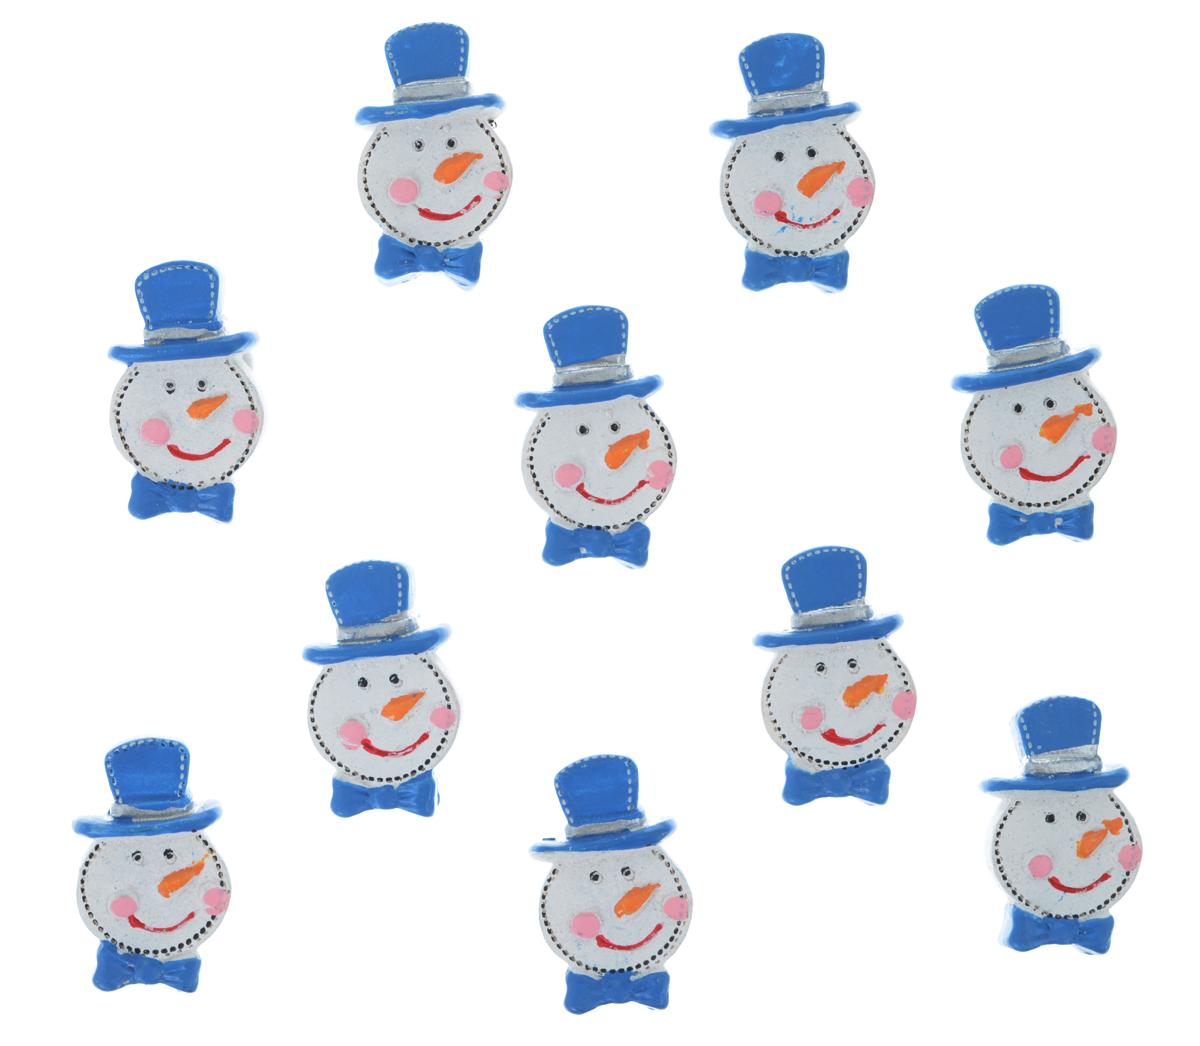 Набор декоративных украшений Lunten Ranta Снеговик в шляпе, на стикере, цвет: белый, синий, 10 штNLED-454-9W-BKДекоративные украшения Lunten Ranta Снеговик в шляпе изготовлены из полирезина и прекрасно подойдут для декора любой поверхности. Их можно использовать для украшения фотоальбомов, подарков, конвертов и многого другого. В наборе - 10 украшений, которые крепятся к поверхности благодаря бумаге на клейкой основе с обратной стороны изделия.Творчество, рукоделие способно приносить массу приятных эмоций не только человеку, который этим занимается, но и его близким, друзьям, родным.Размер украшения: 3 см х 1.7 см х 0,8 см.